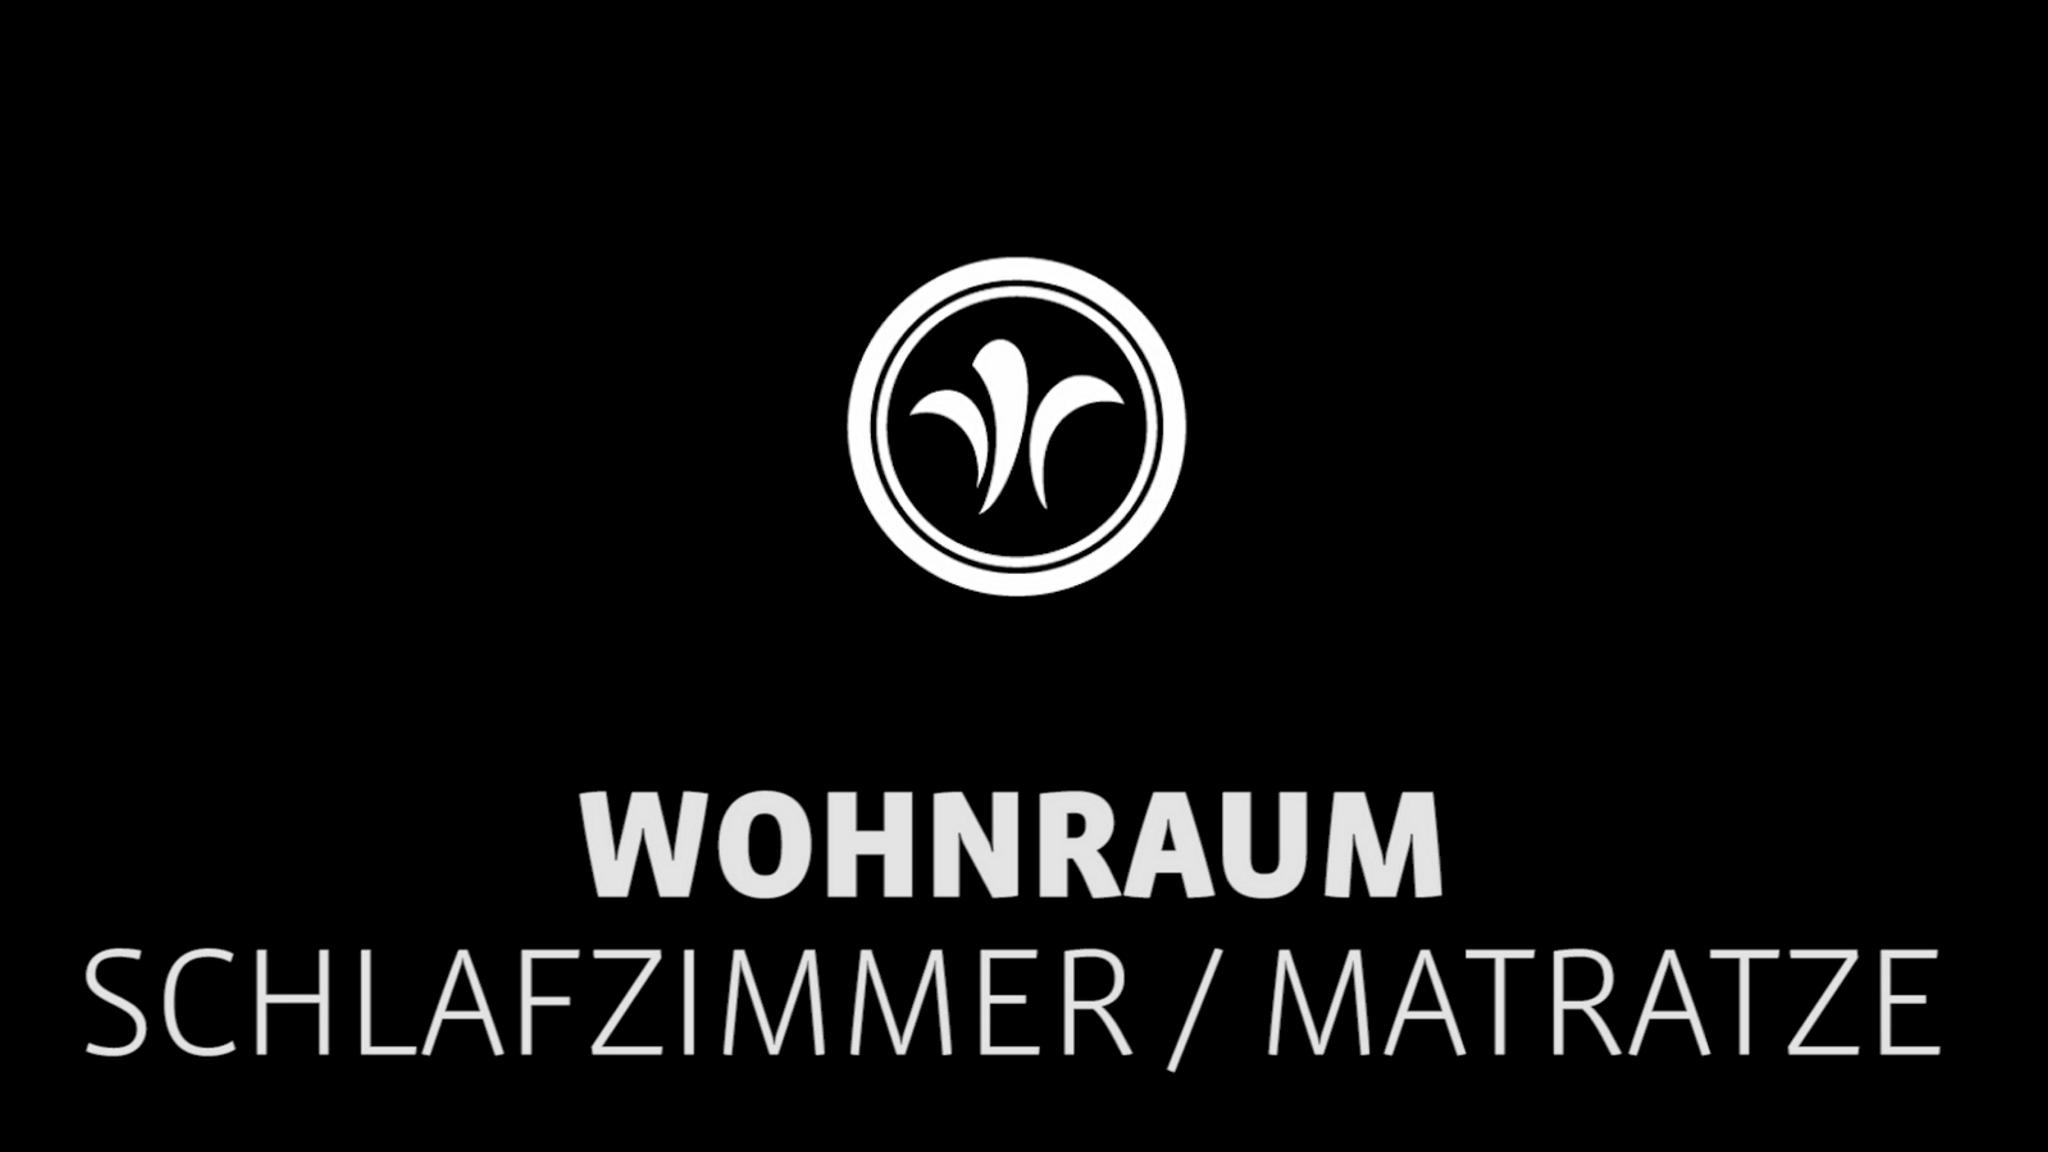 Wohnmobil Matratze Schlafzimmer // Niesmann+Bischoff – Luxus Wohnmobil (Modell FLAIR) // 2019 // WO1